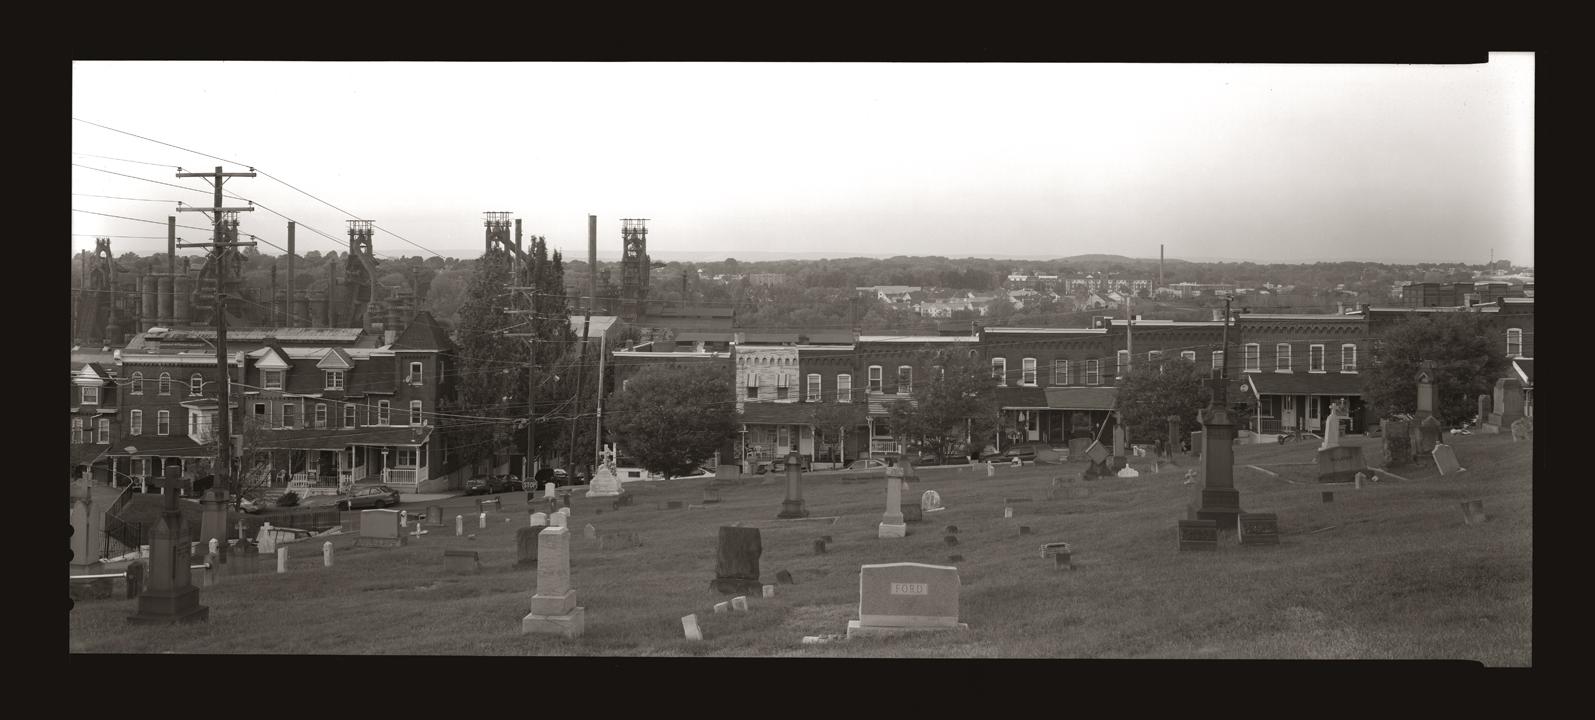 """Cykl """"Panoramiczny dziennik podróżny"""": """"Bethlehem, Pennsylvania, 2007"""", fot. Andrzej Jerzy Lech"""